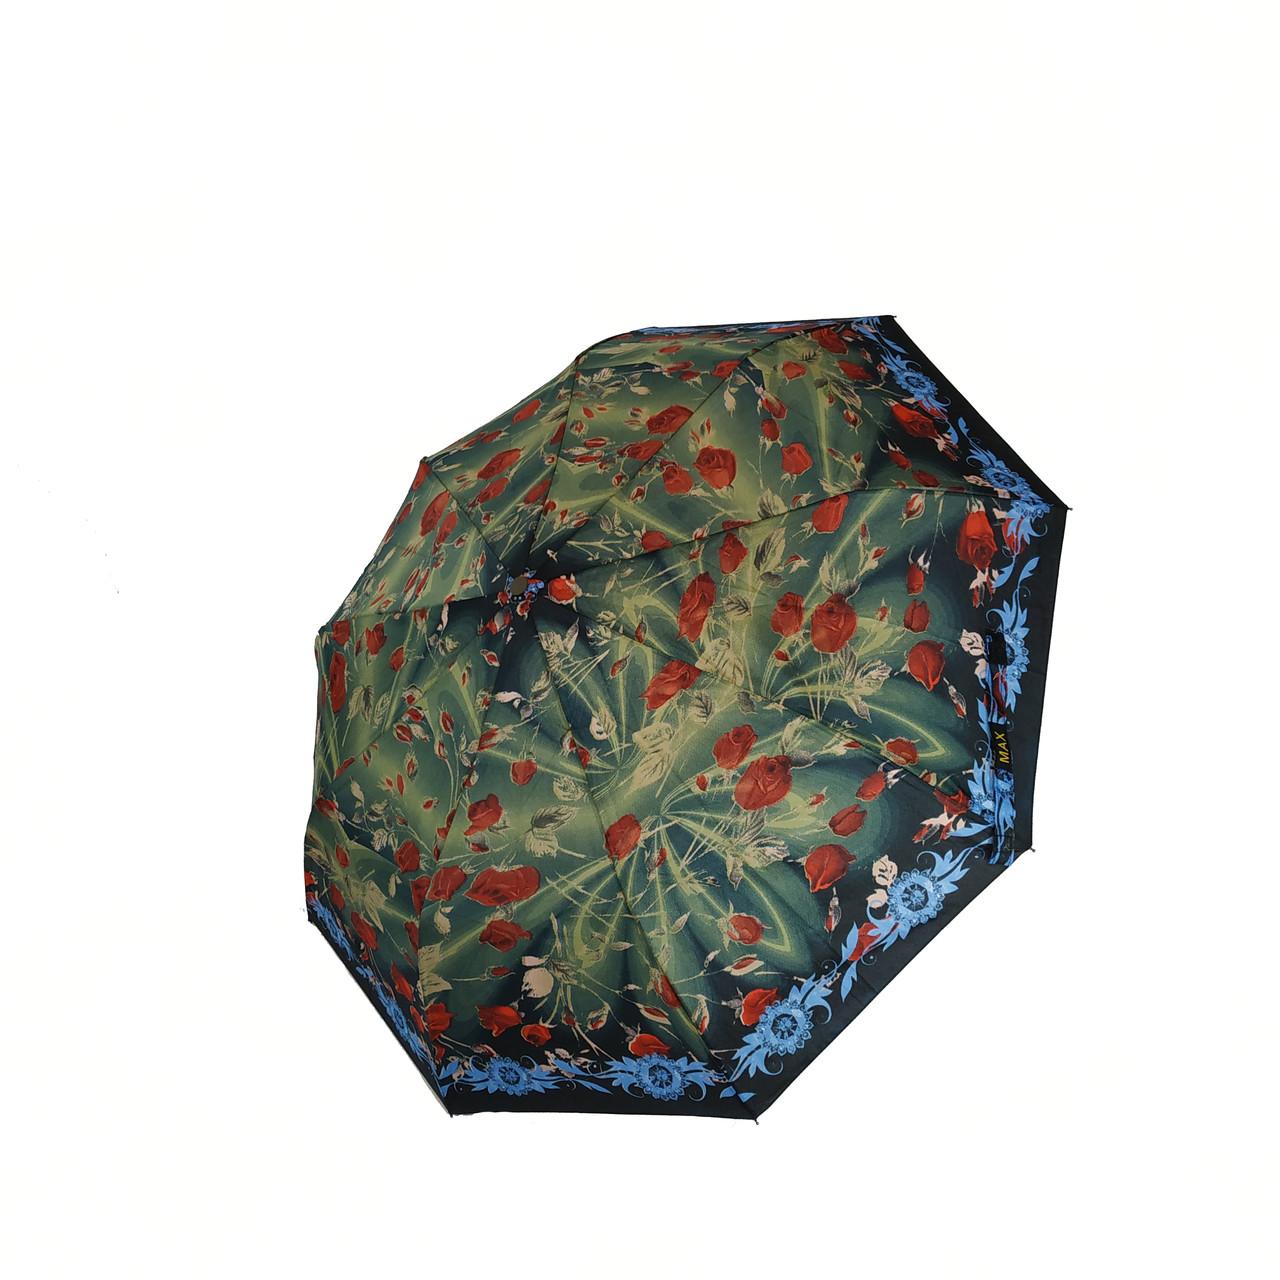 Женский зонт полуавтомат Max с яркими красочными принтами на 9 спиц, 3058-1